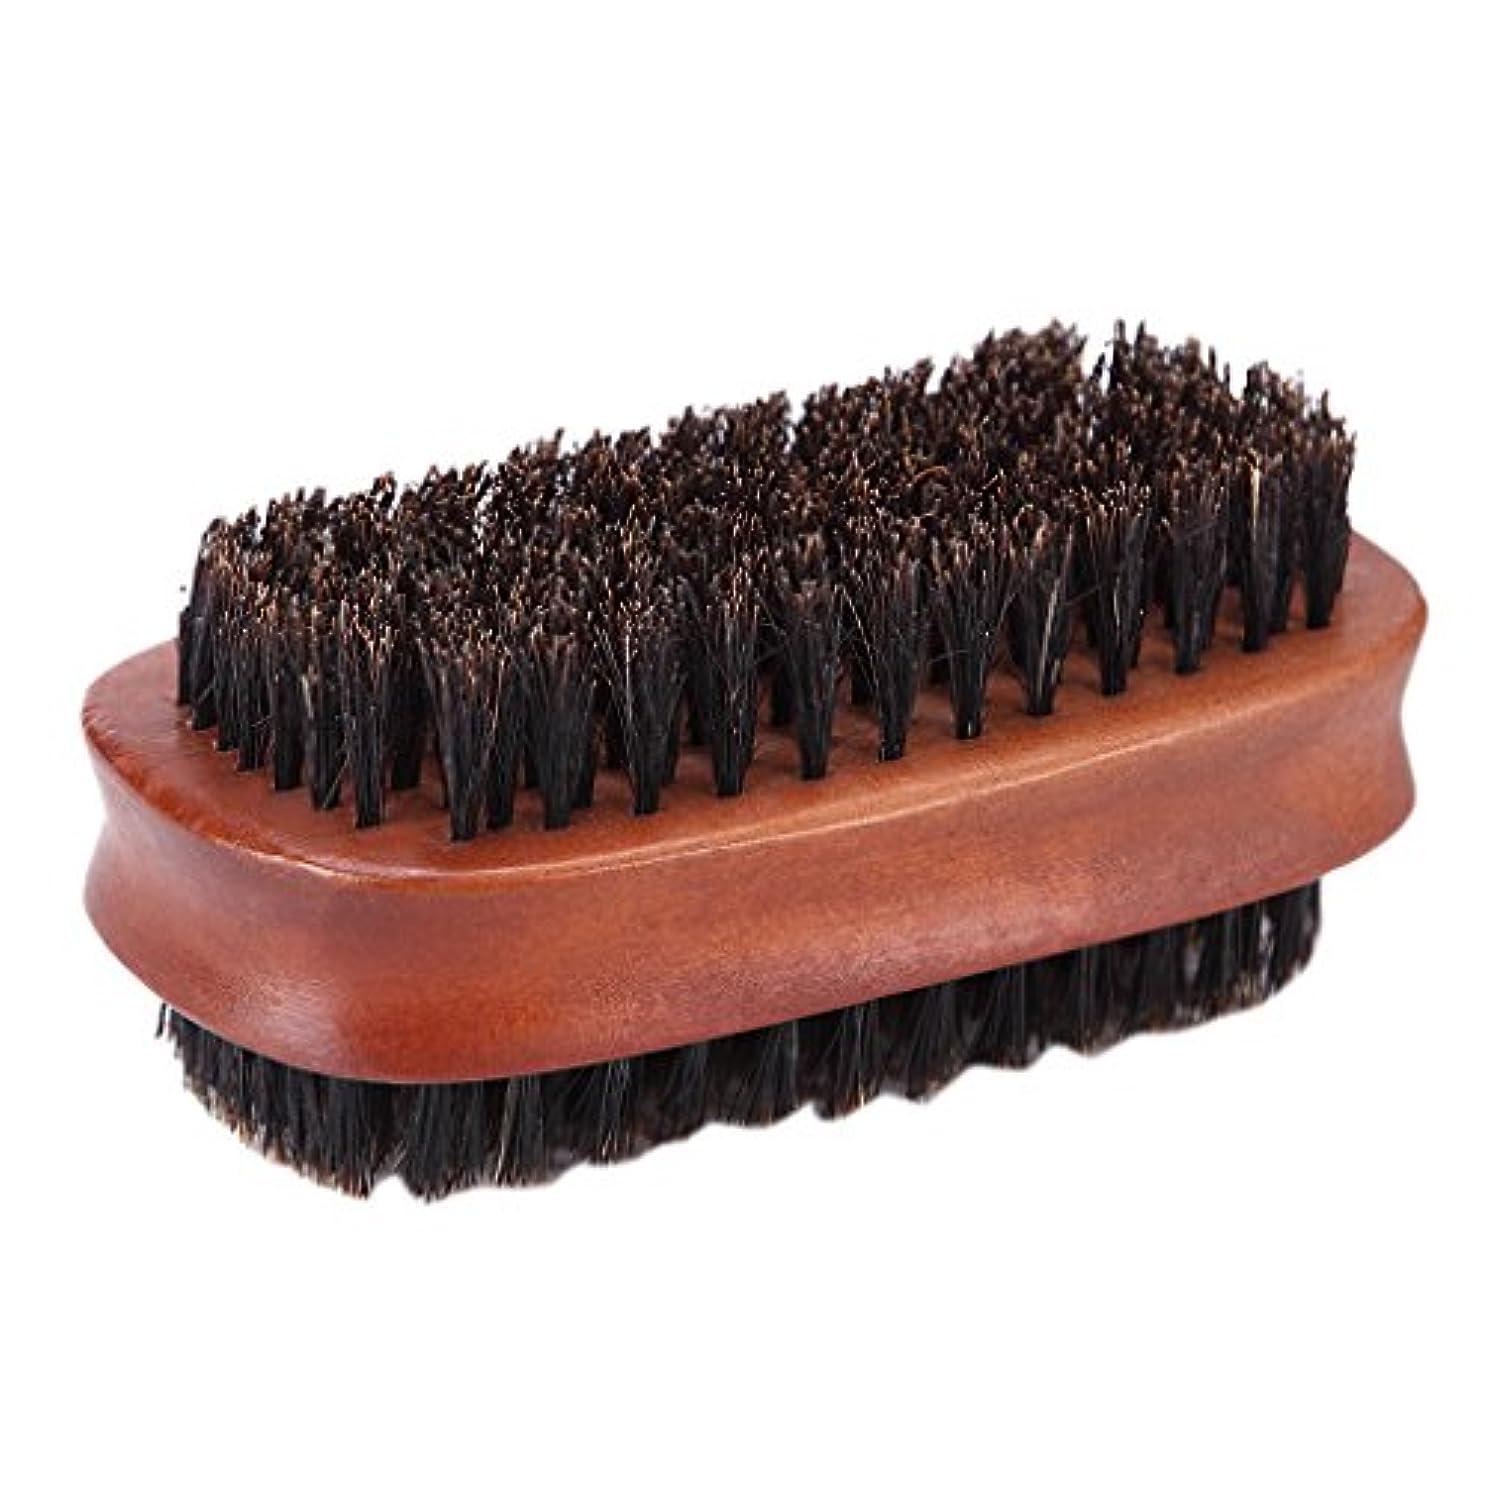 Homyl ヘアカット ダスターブラシ 両面ブラシ サロン 散髪 ヘアカット 柔らか 使いやすい